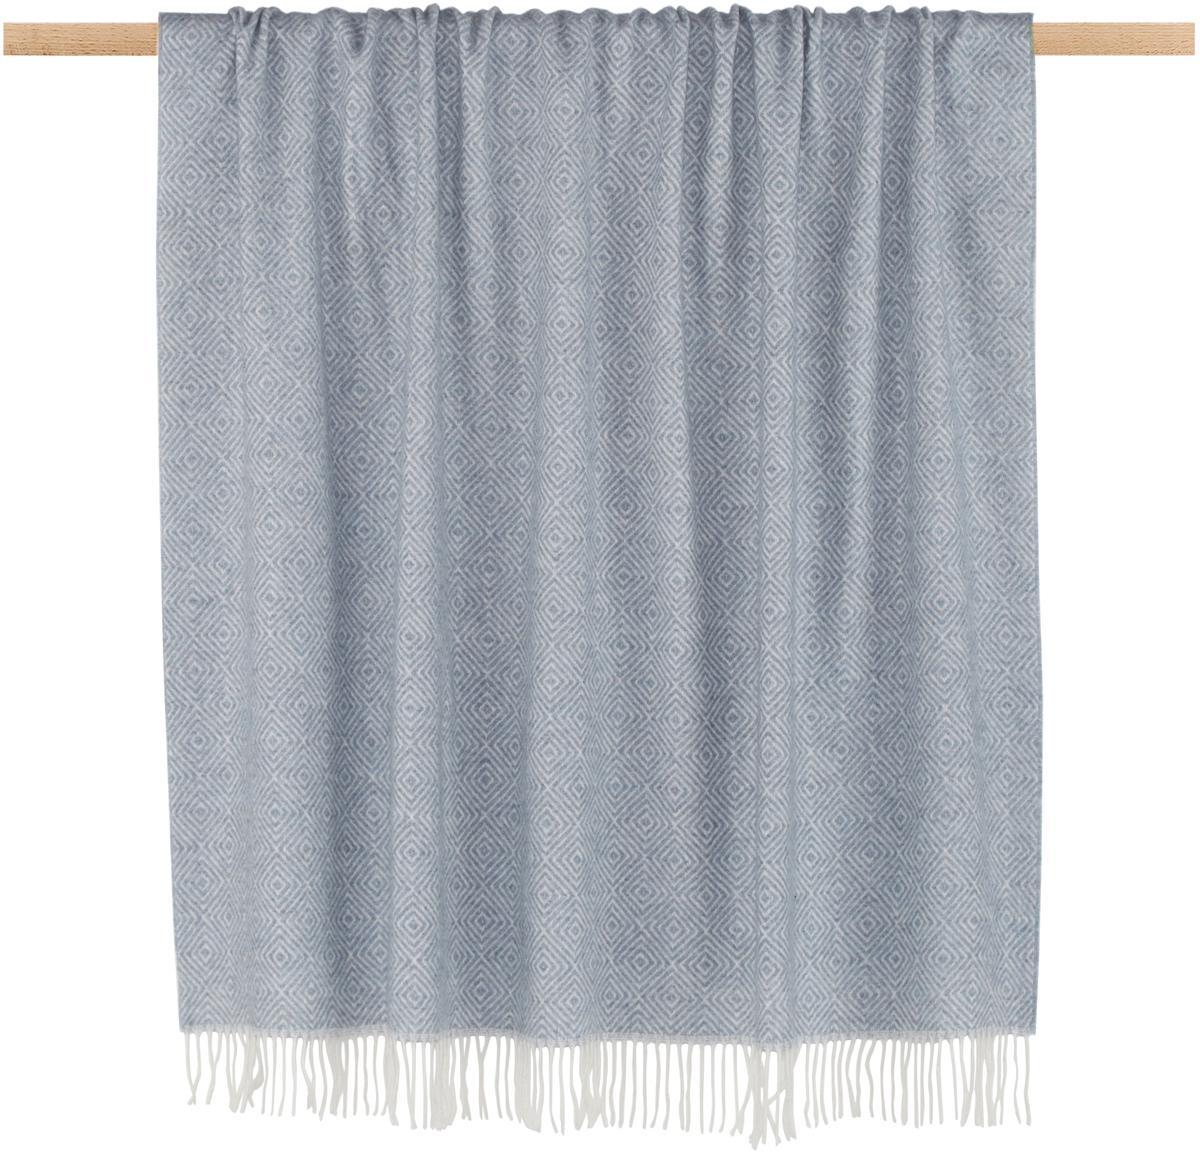 Woll-Plaid Alison mit feinem grafischem Muster, 70% Merinowolle, 30% Polyester, Graublau, Gebrochenes Weiss, 140 x 200 cm